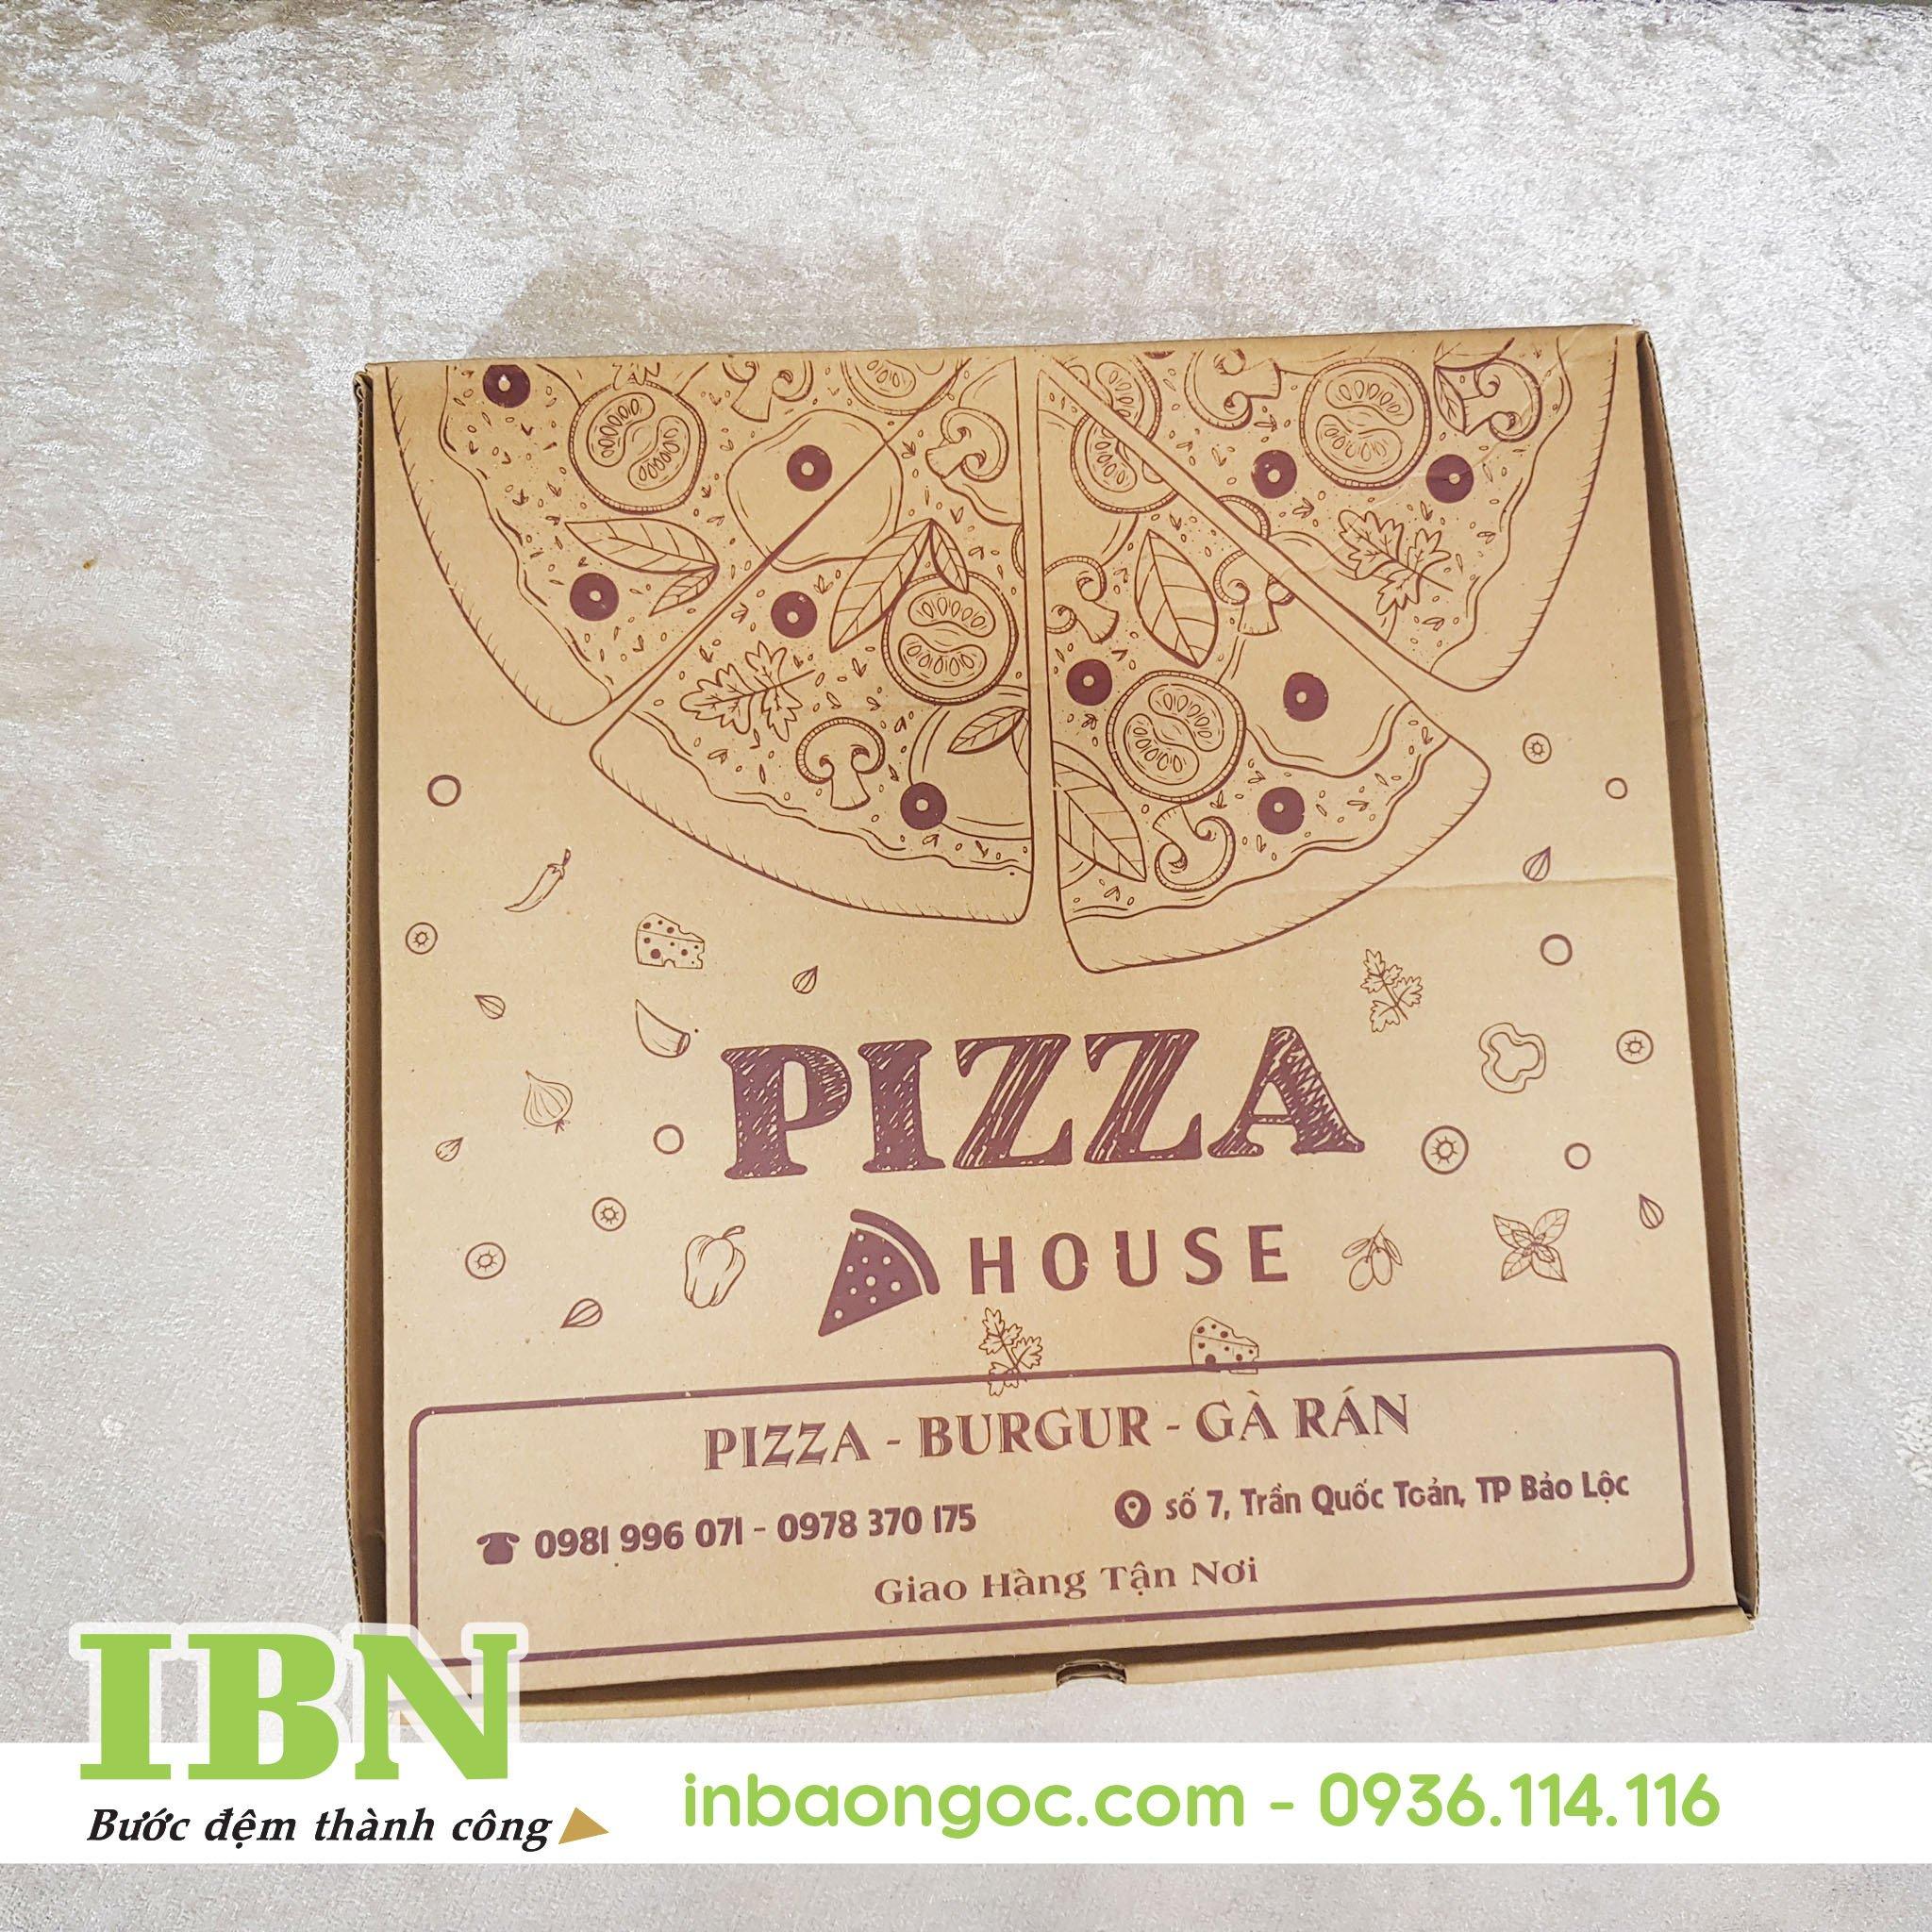 mau hop pizza (3)